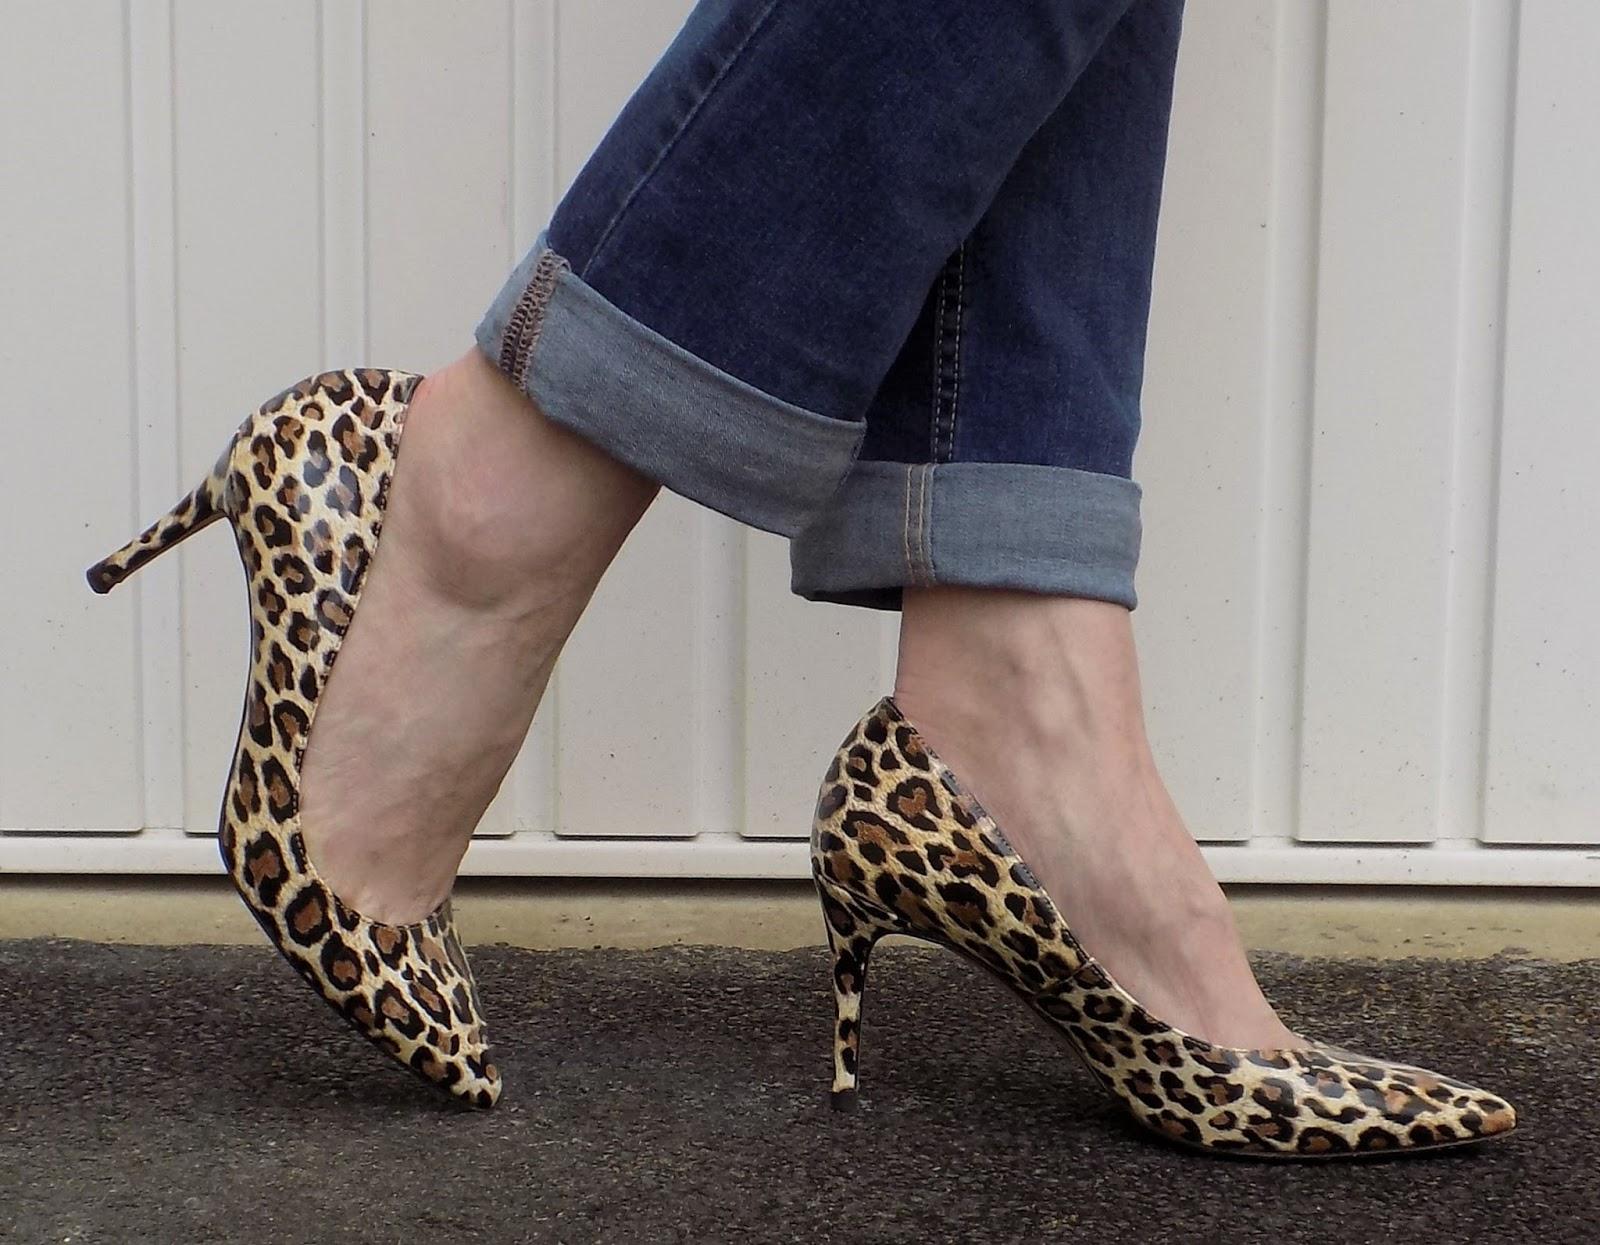 Boyfriend jeans with leopard print shoes